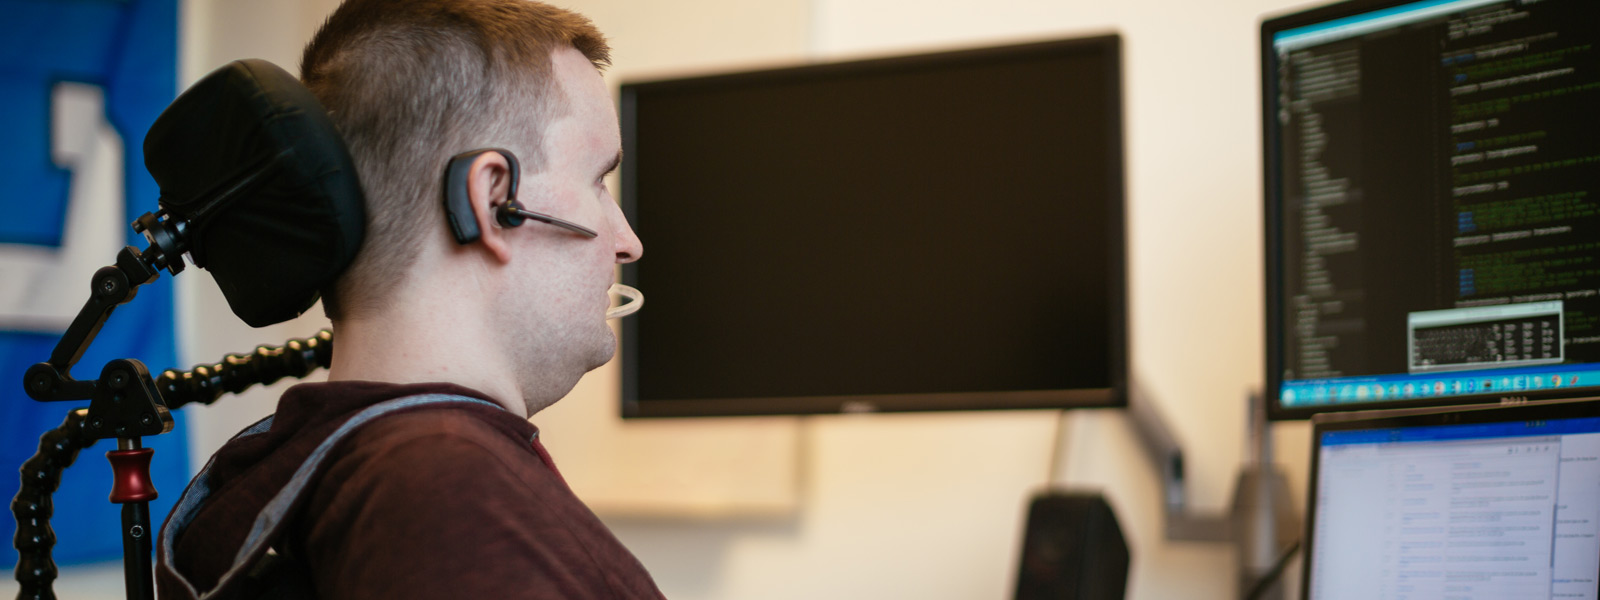 Čovek za stolom koristi asistivnu hardversku tehnologiju za upravljanje Windows 10 računarom pomoću kontrola pogledom